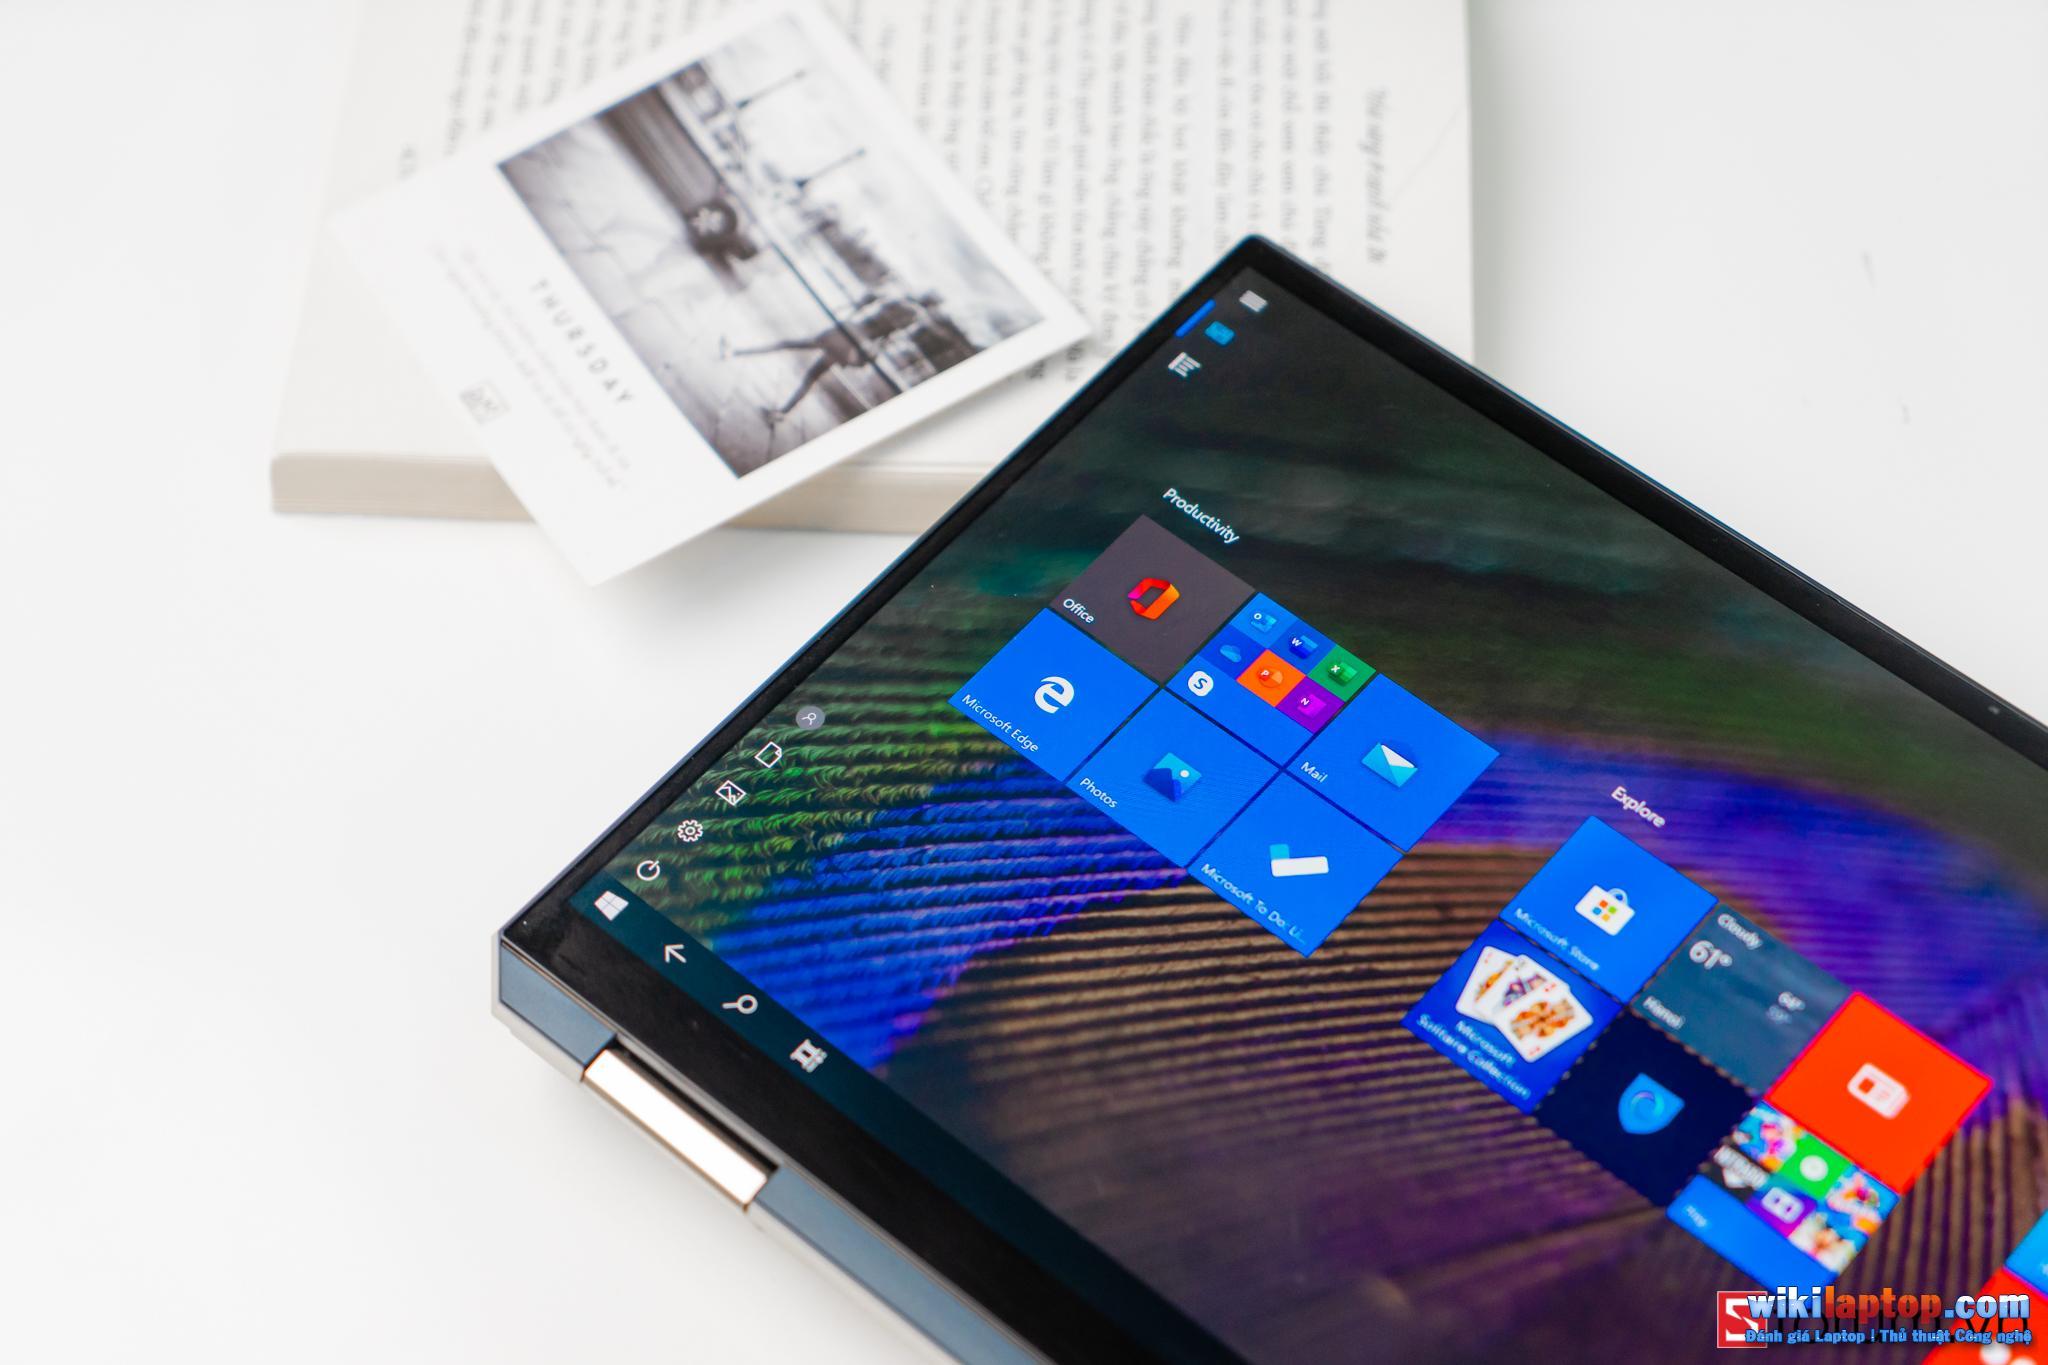 Sforum - Trang thông tin công nghệ mới nhất CPS-HP-Specter-X360-13-40 Đánh giá chi tiết HP Spectre x360 13: Cái gì bên trong một chiếc Laptop có giá gần 50 triệu HP?